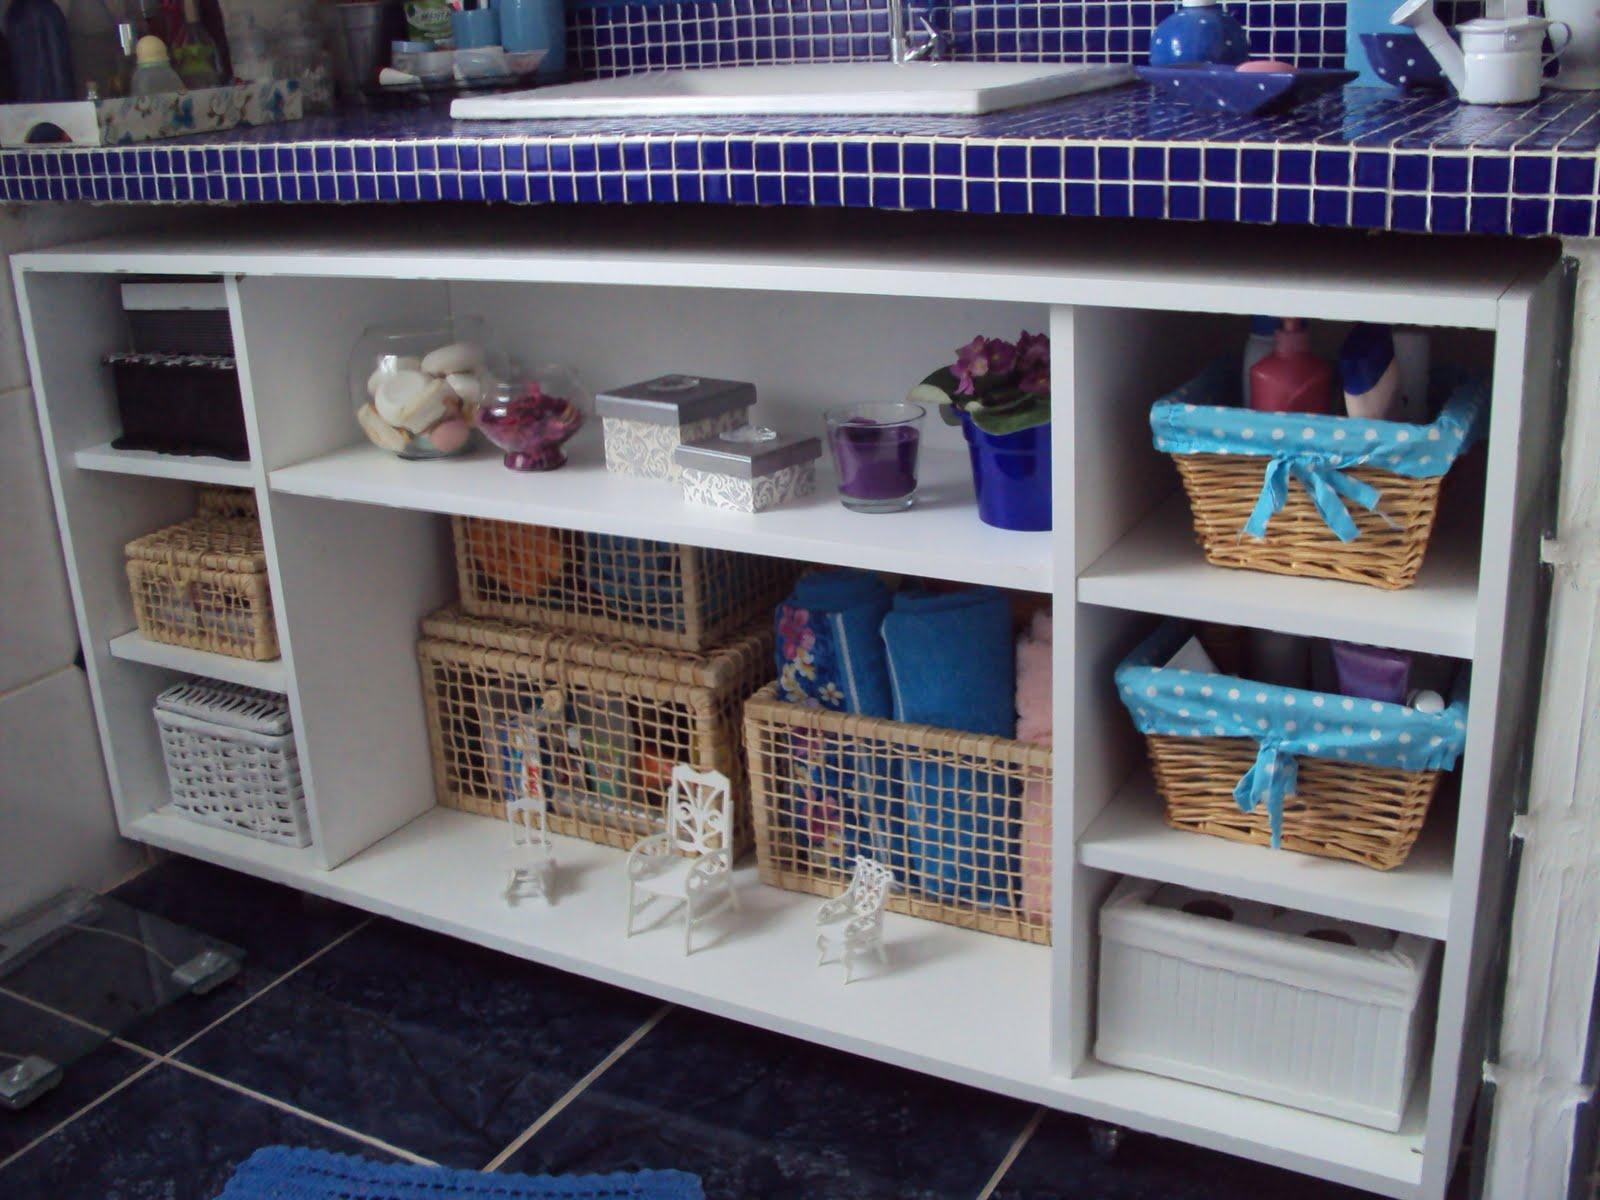 se fosse na minha casa: Gabinete do banheiro (feito pelo marido é  #2E3569 1600 1200